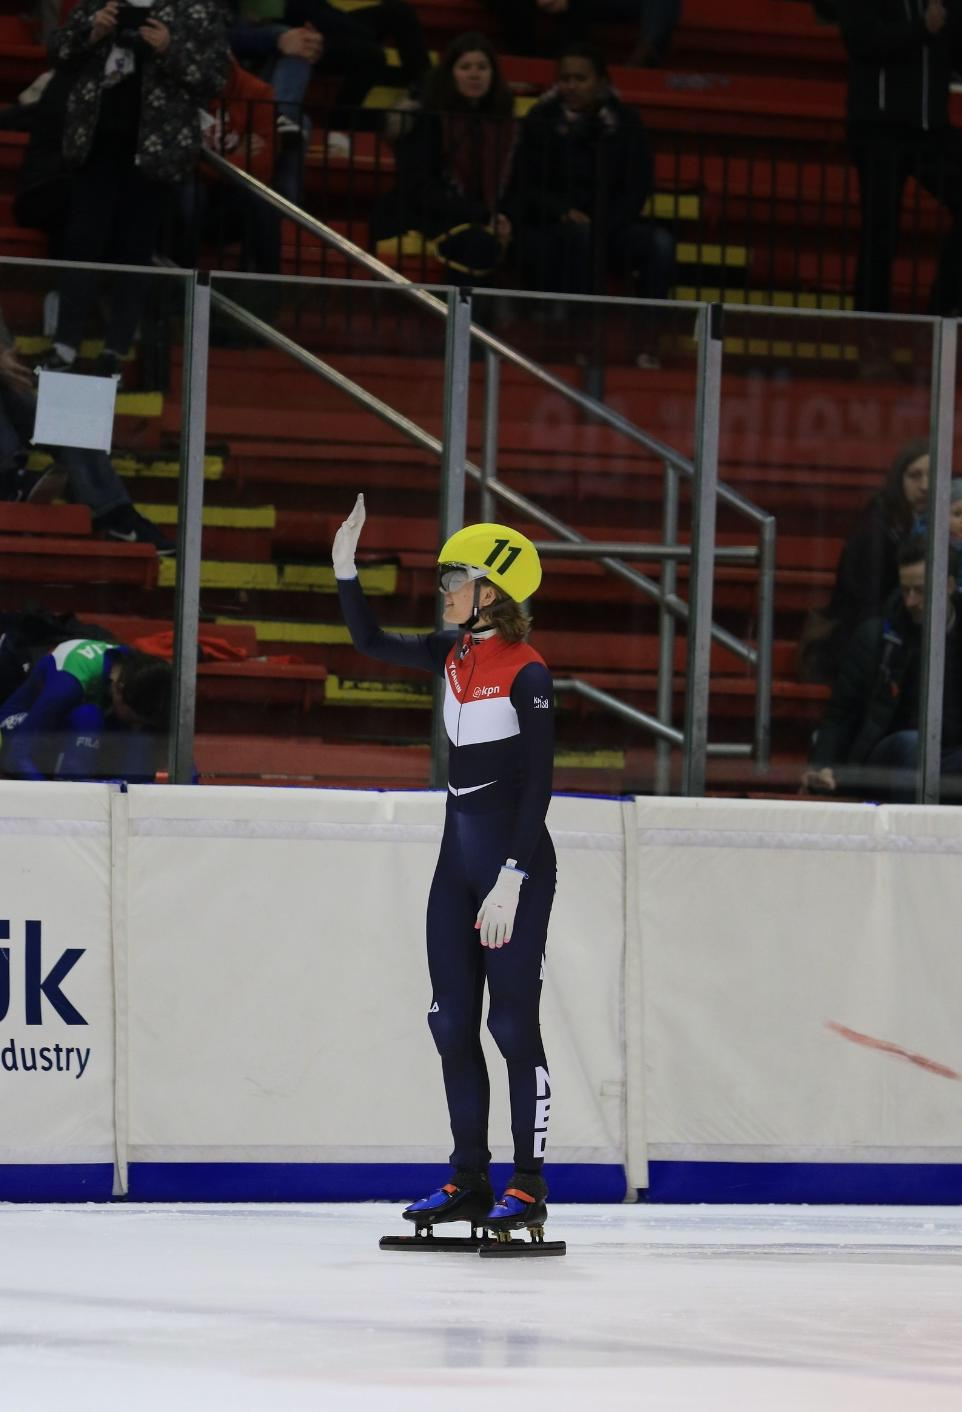 A finale voor Esther Gijsbers op de 500 meter